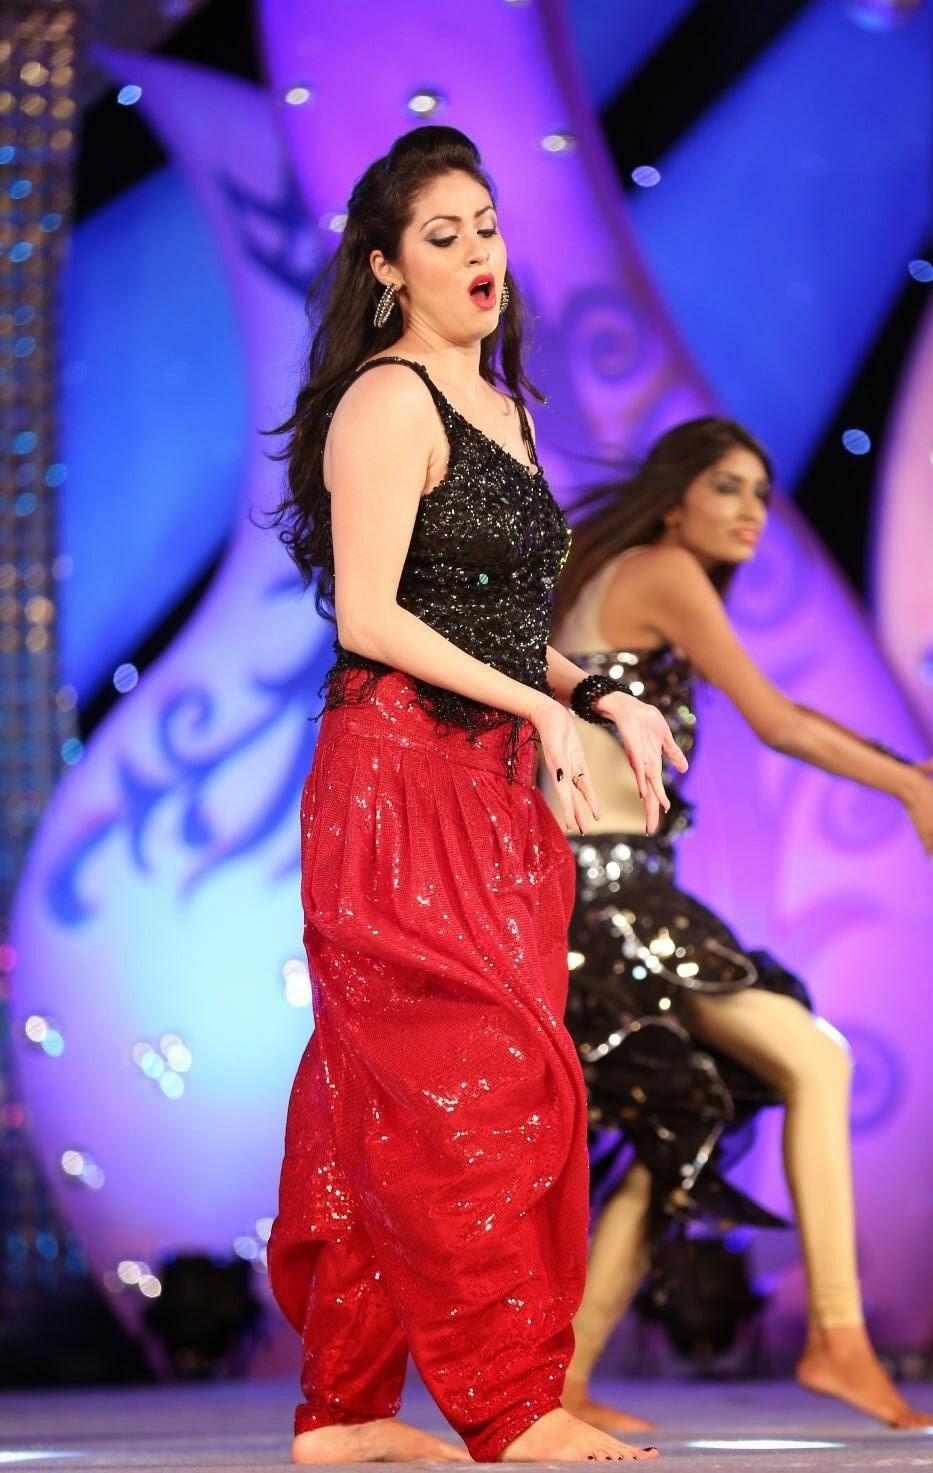 Sada Hot Dance Performance At Gama Awards